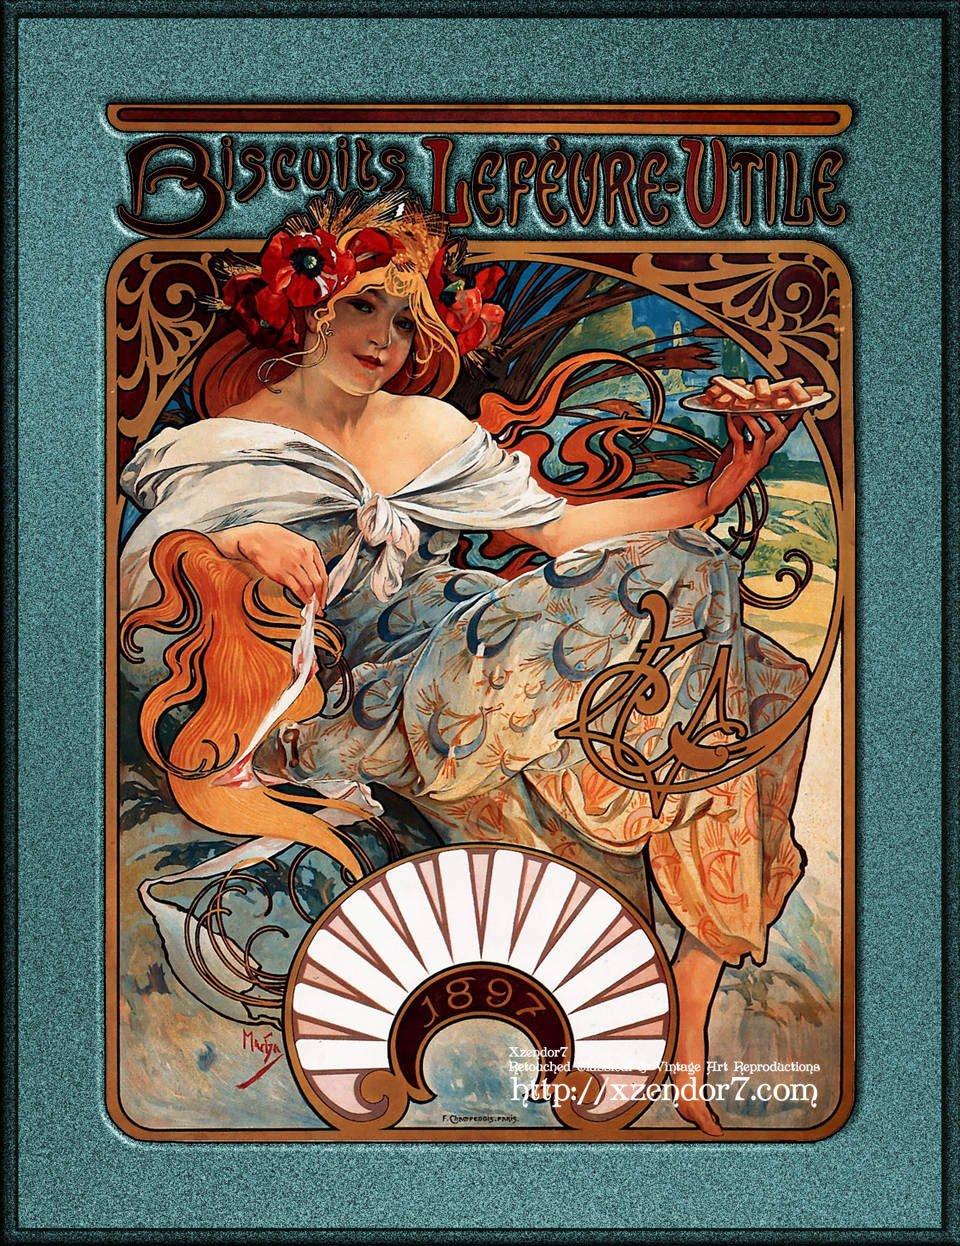 Art Nouveau Design Movement - Alphonse Mucha Biscuits Lefevre-Utile Speckled Frame Version